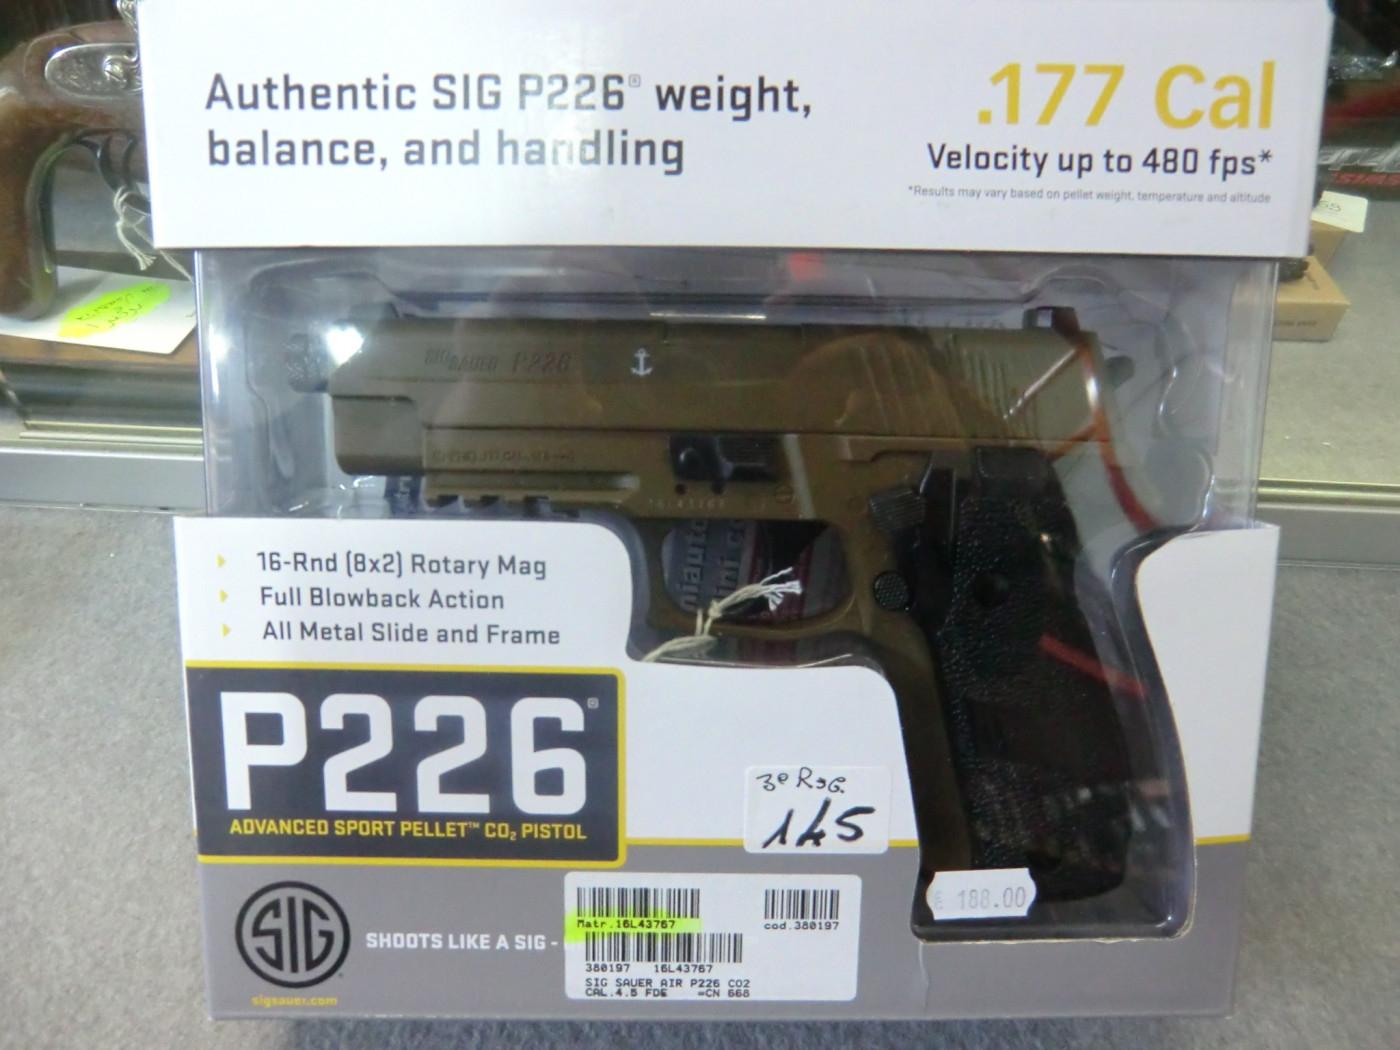 Sig Sauer modello P226 calibro 4.5